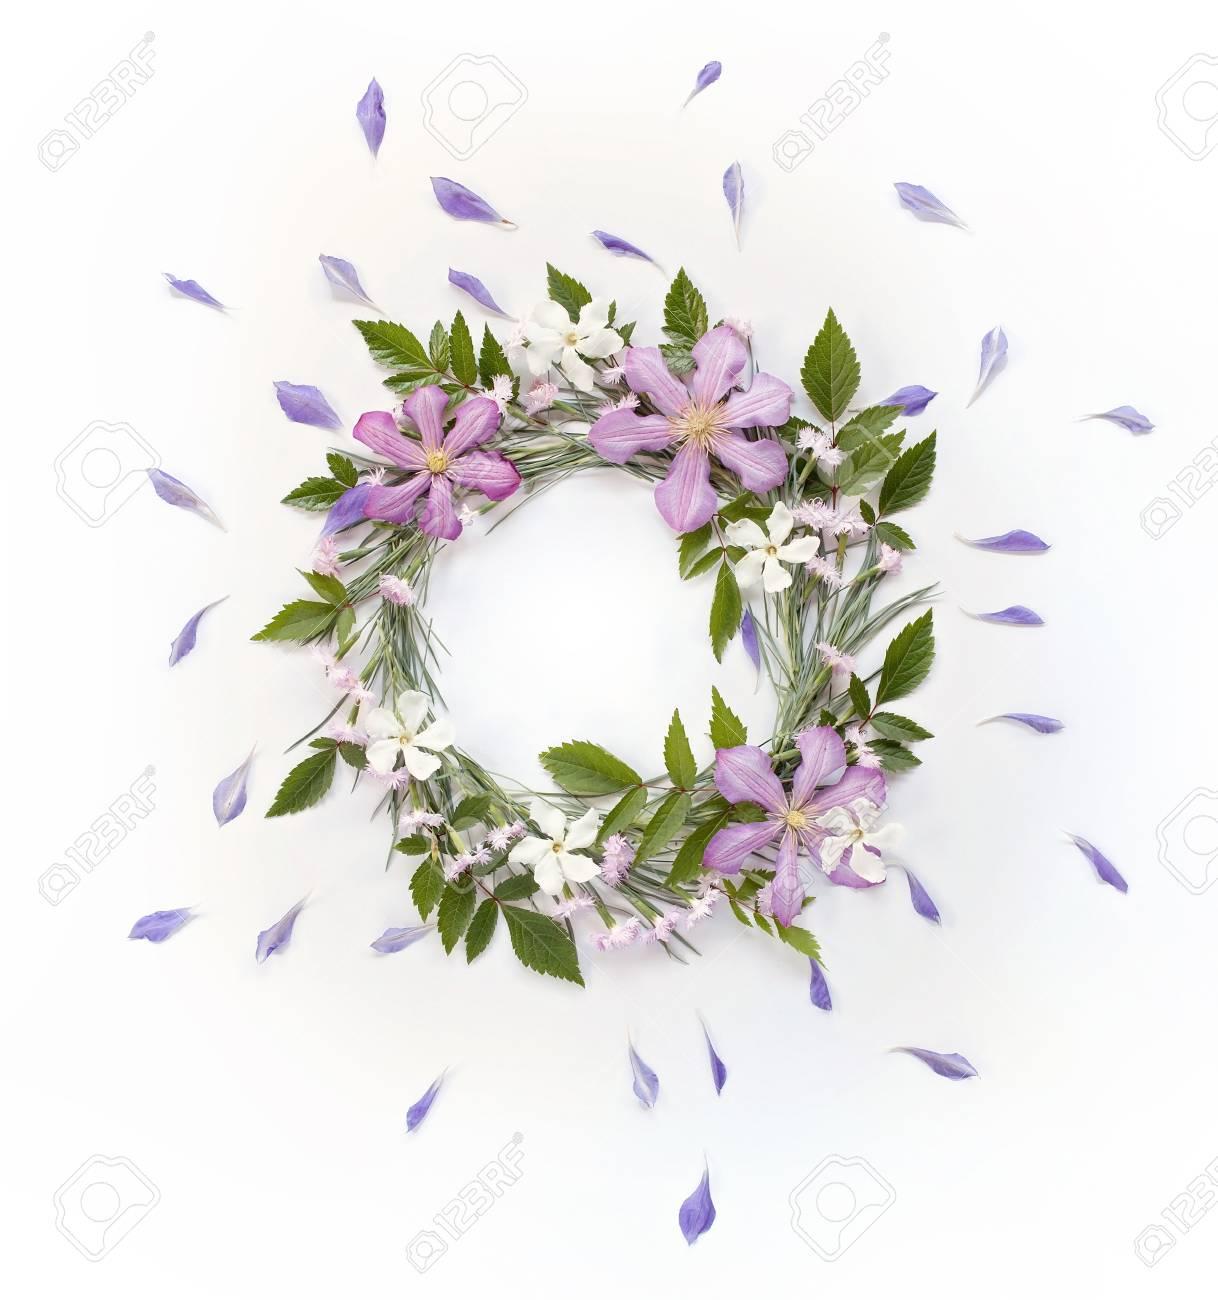 Rahmen Kranz Mit Weißen Und Rosa Blüten, Zweigen, Blättern Und ...